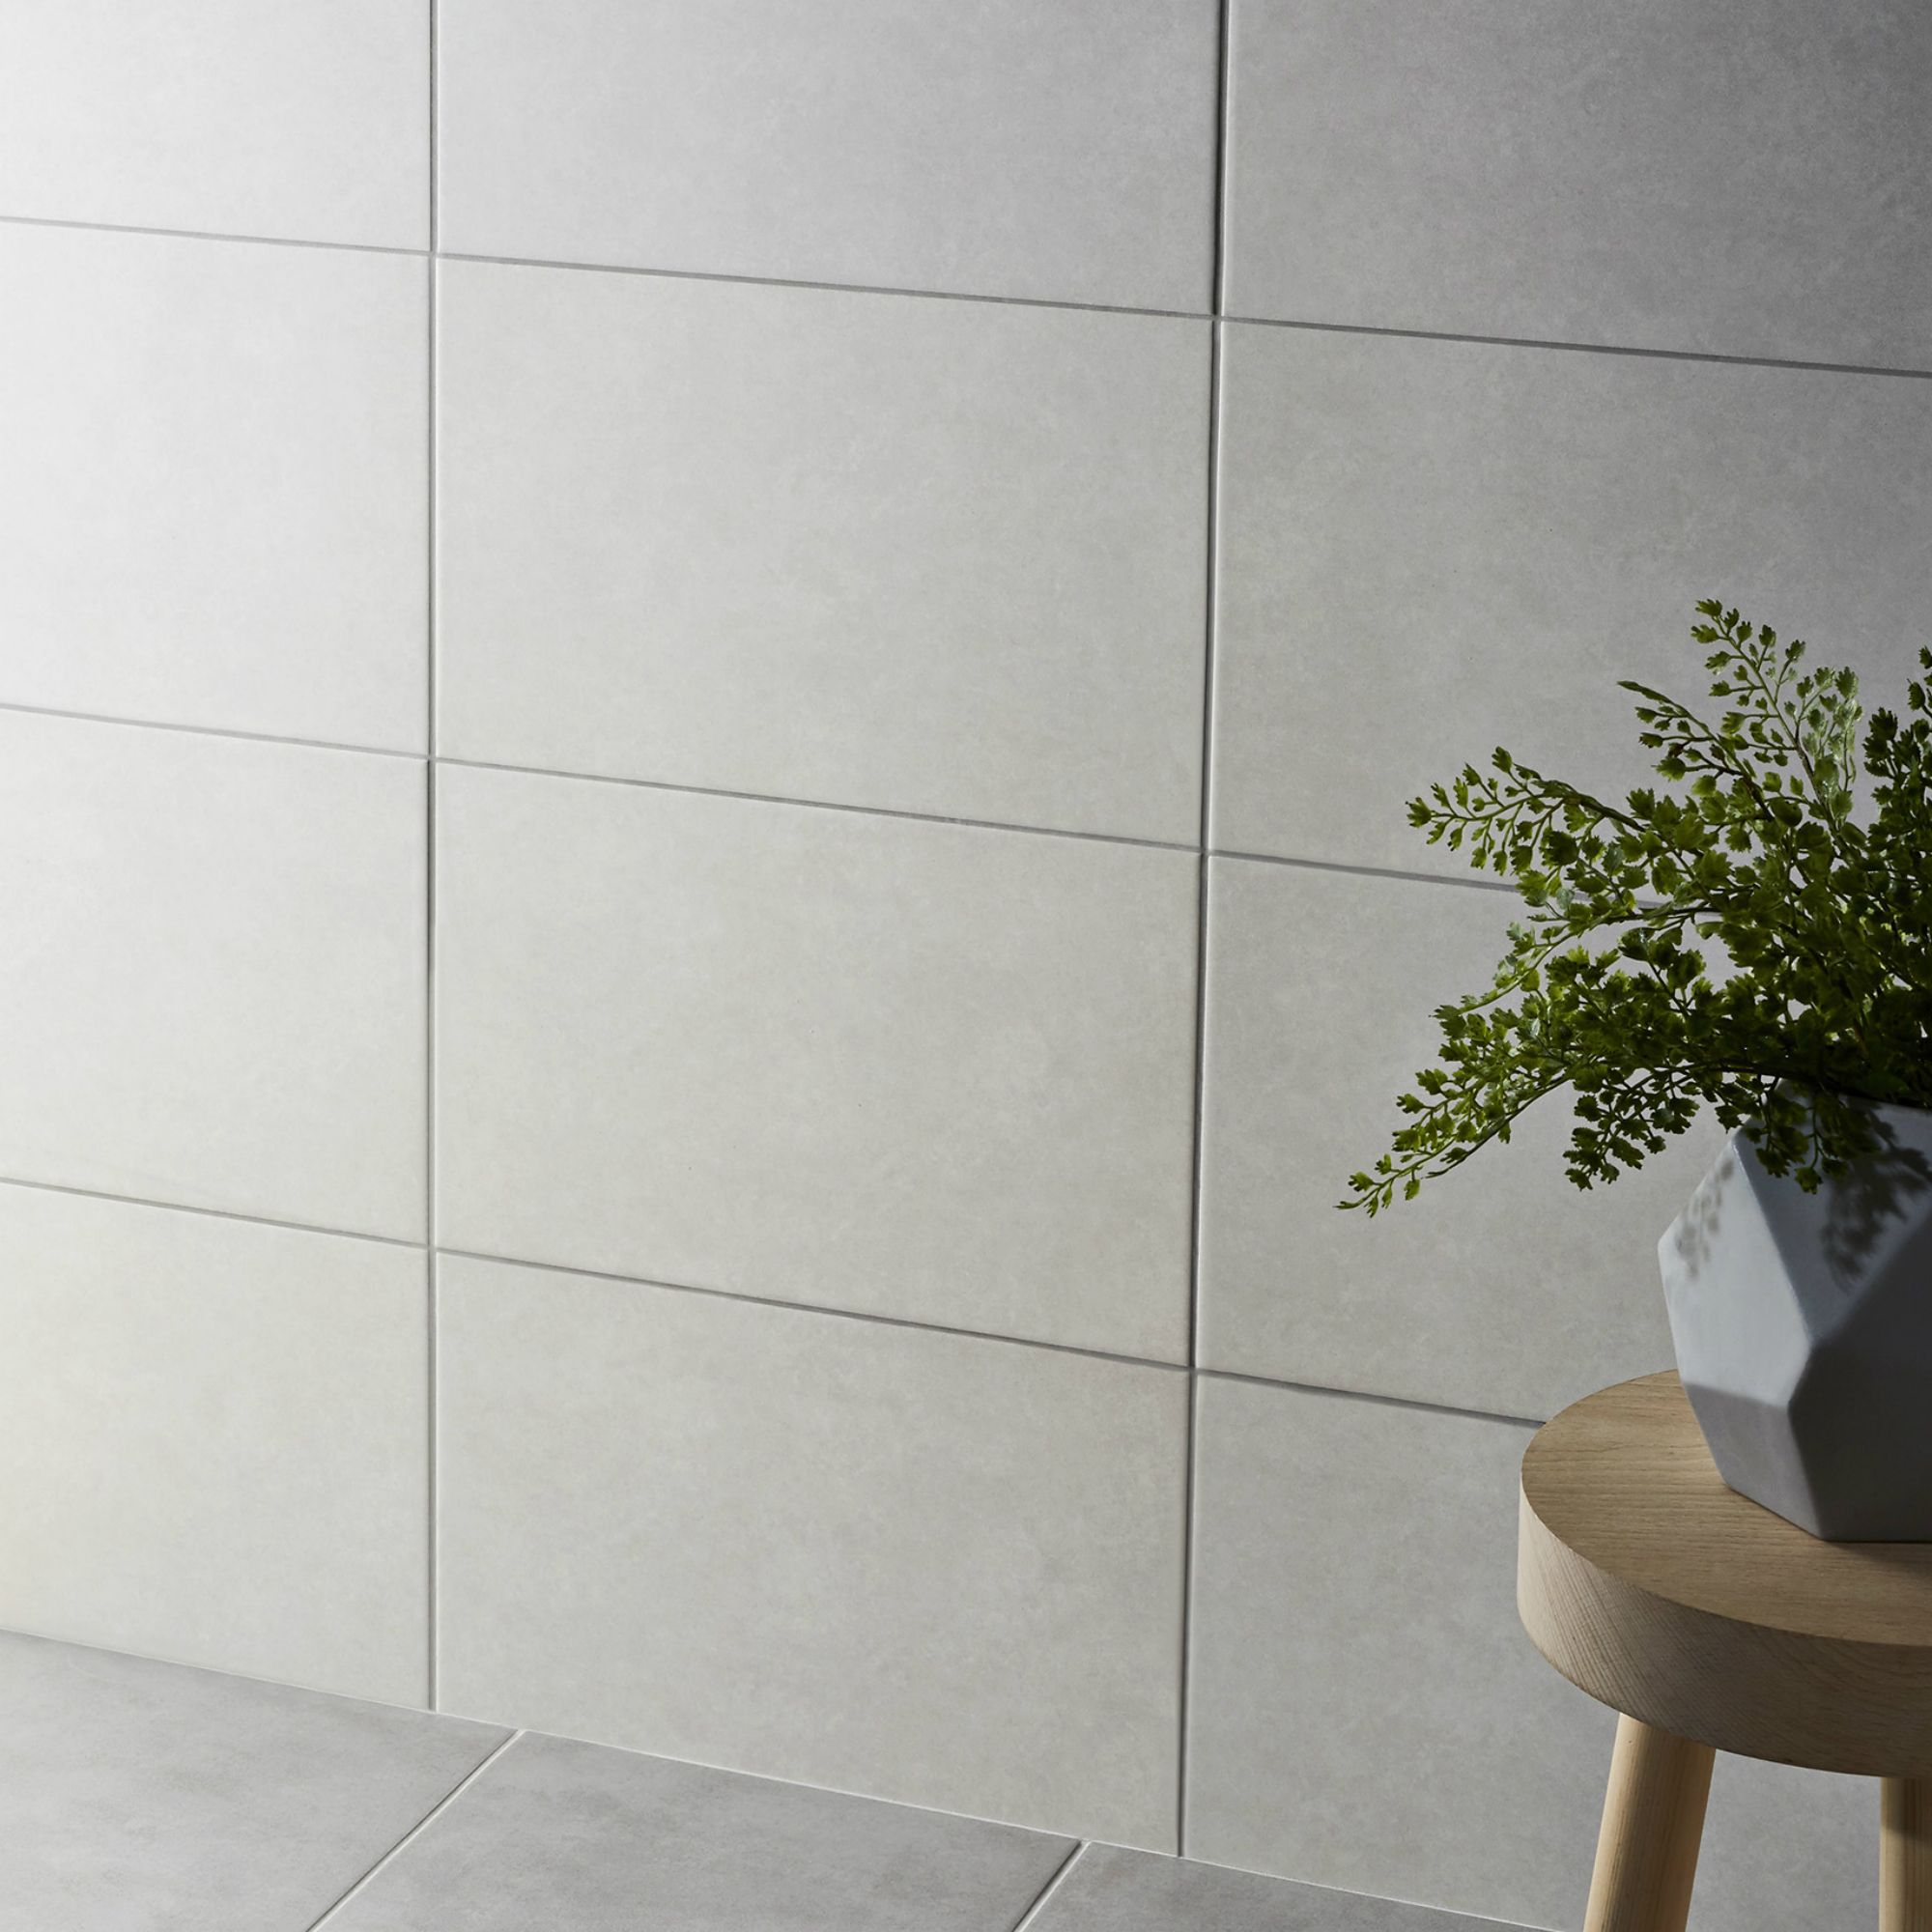 Cimenti Light Grey Matt Ceramic Wall